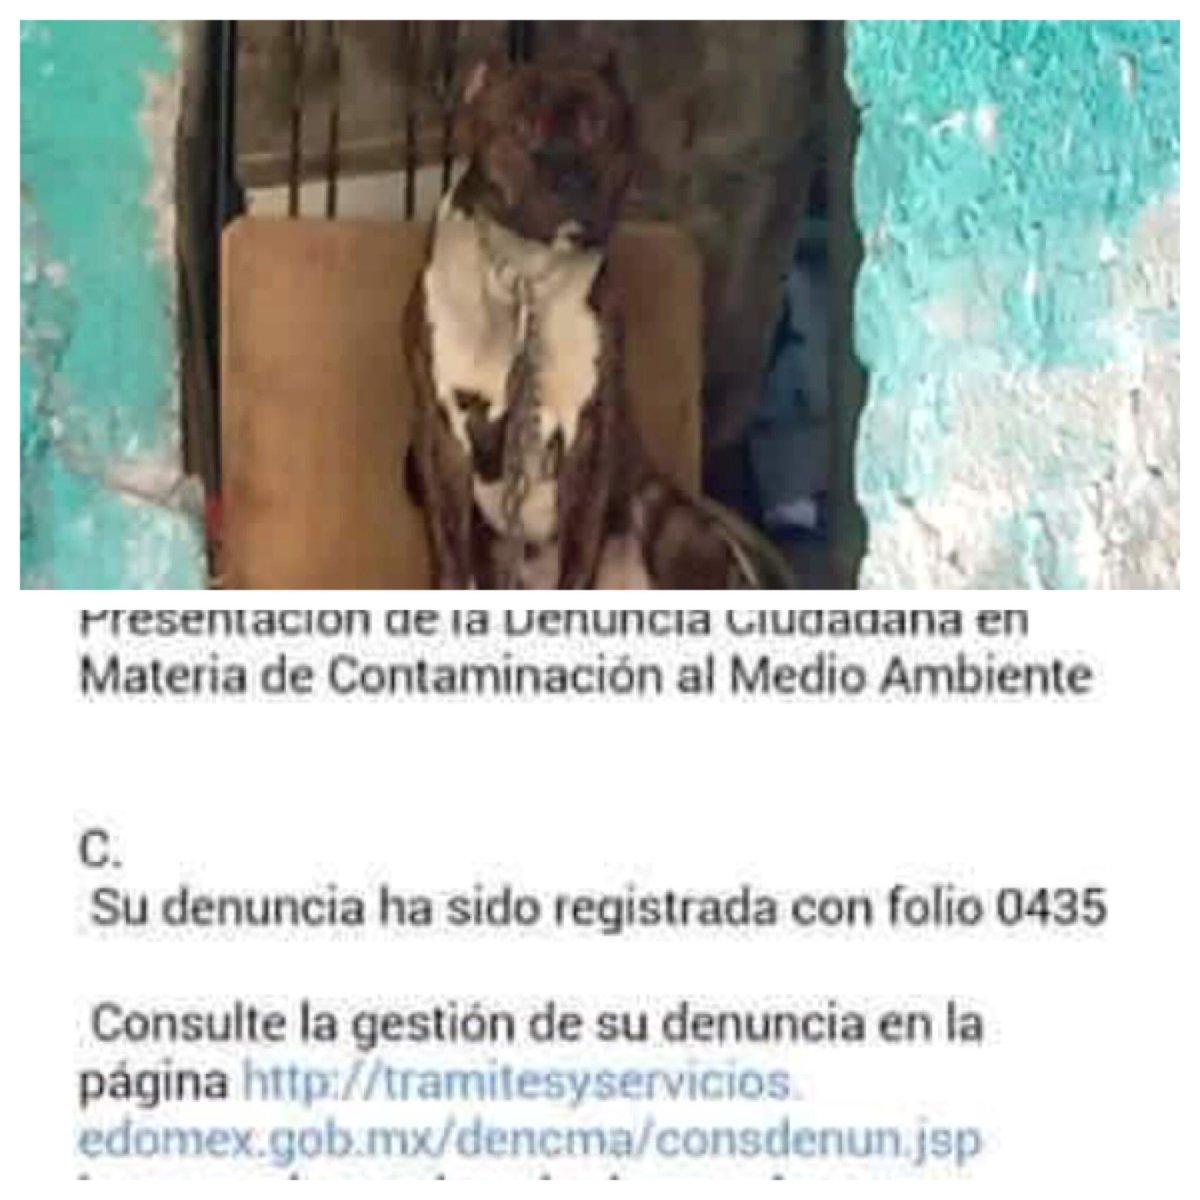 @propaem_sma por favor apoyo para el rescate de este perrito ya hay denuncia @UribeMerle @KryCamacho @YESFUCKYOUTOO https://t.co/96JnnmhKuQ